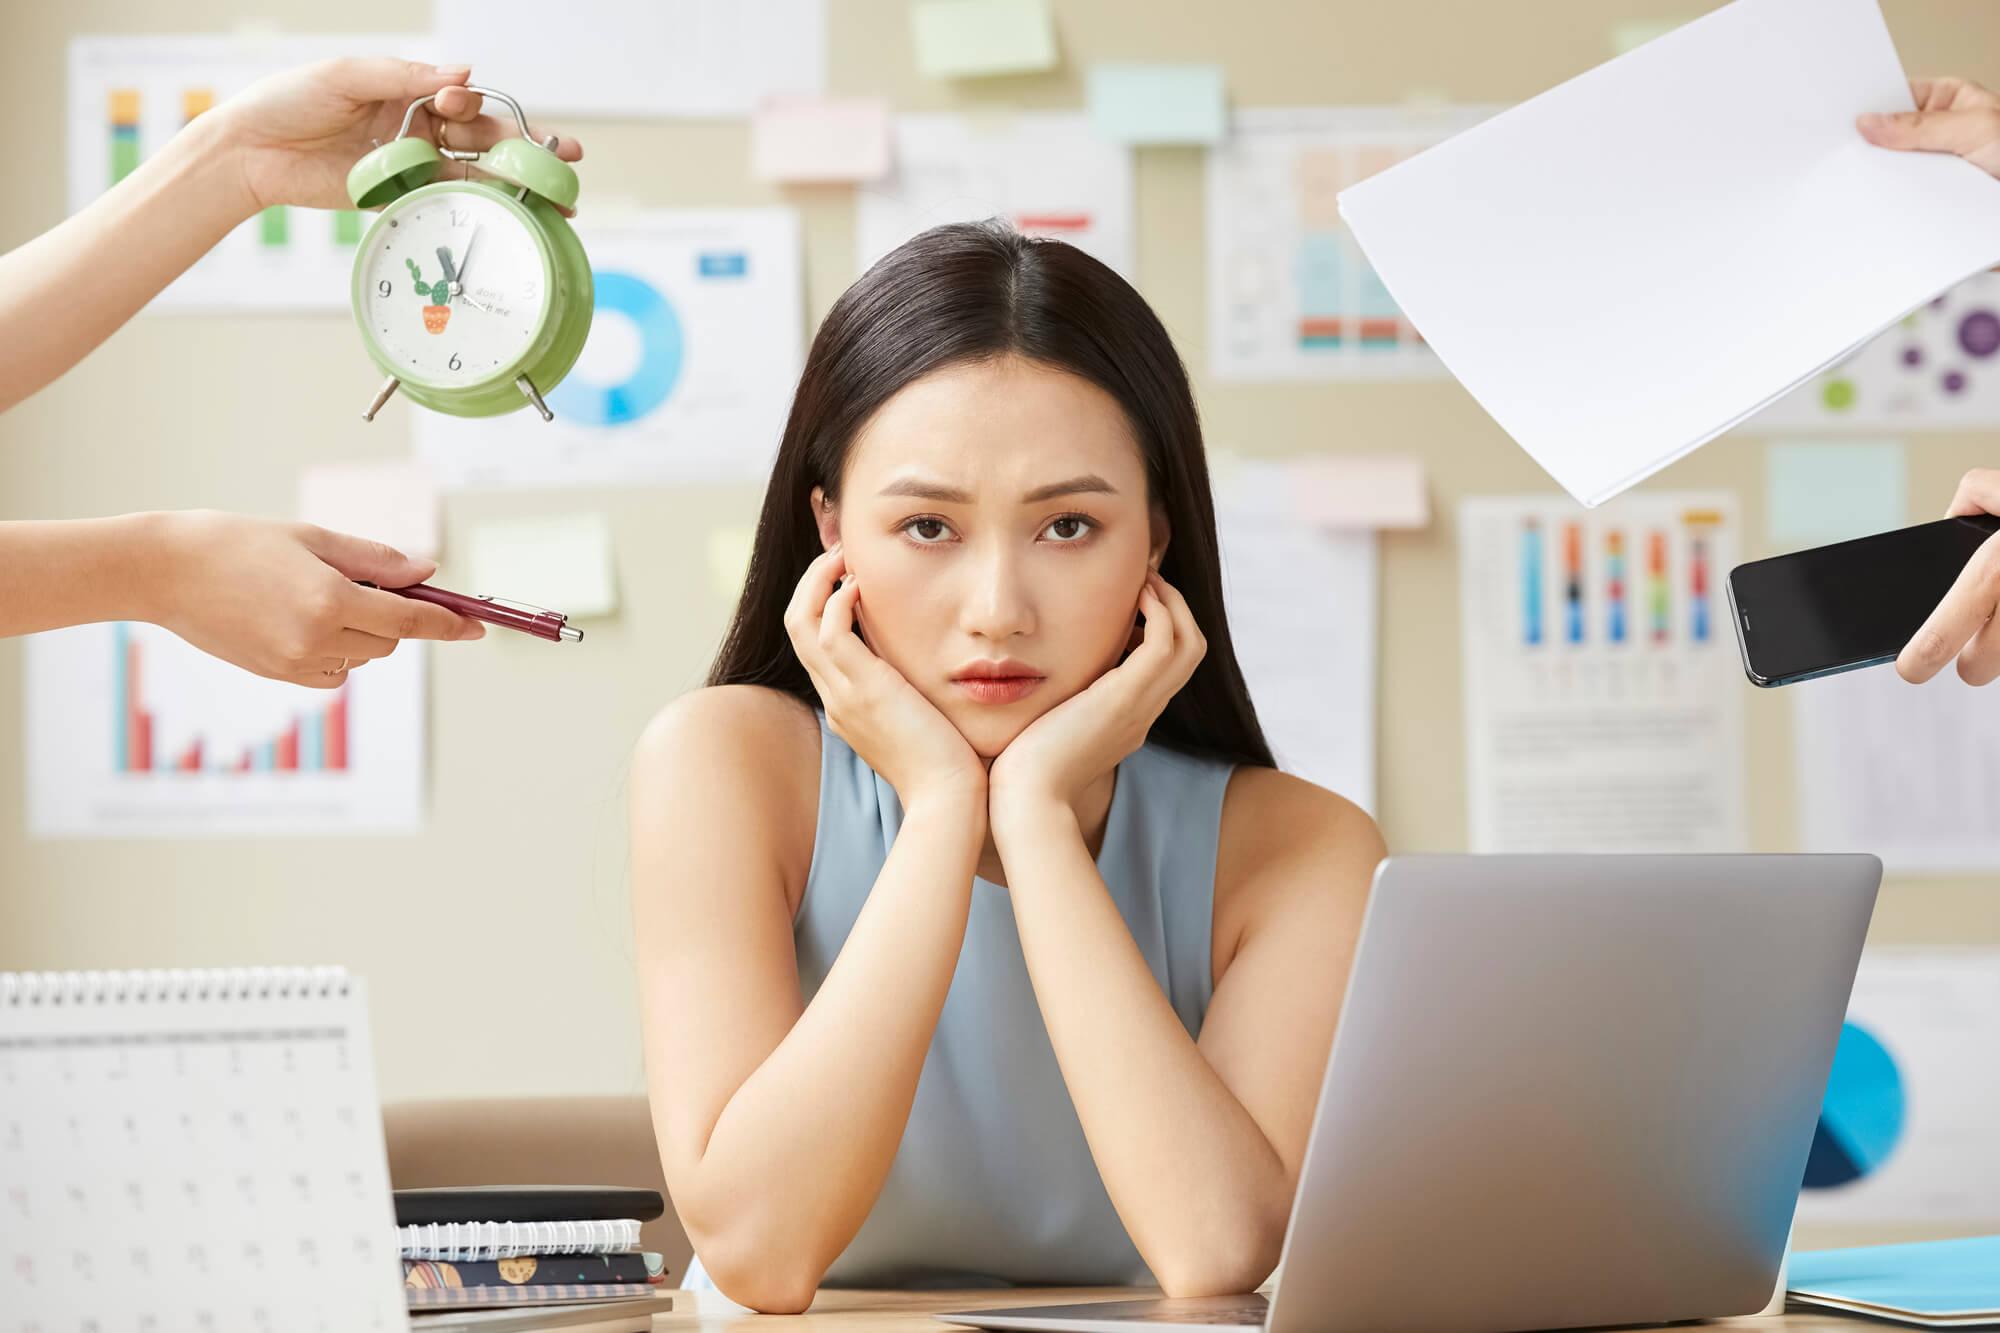 コミュニケーションが苦手で生きづらさを感じている20代の女性